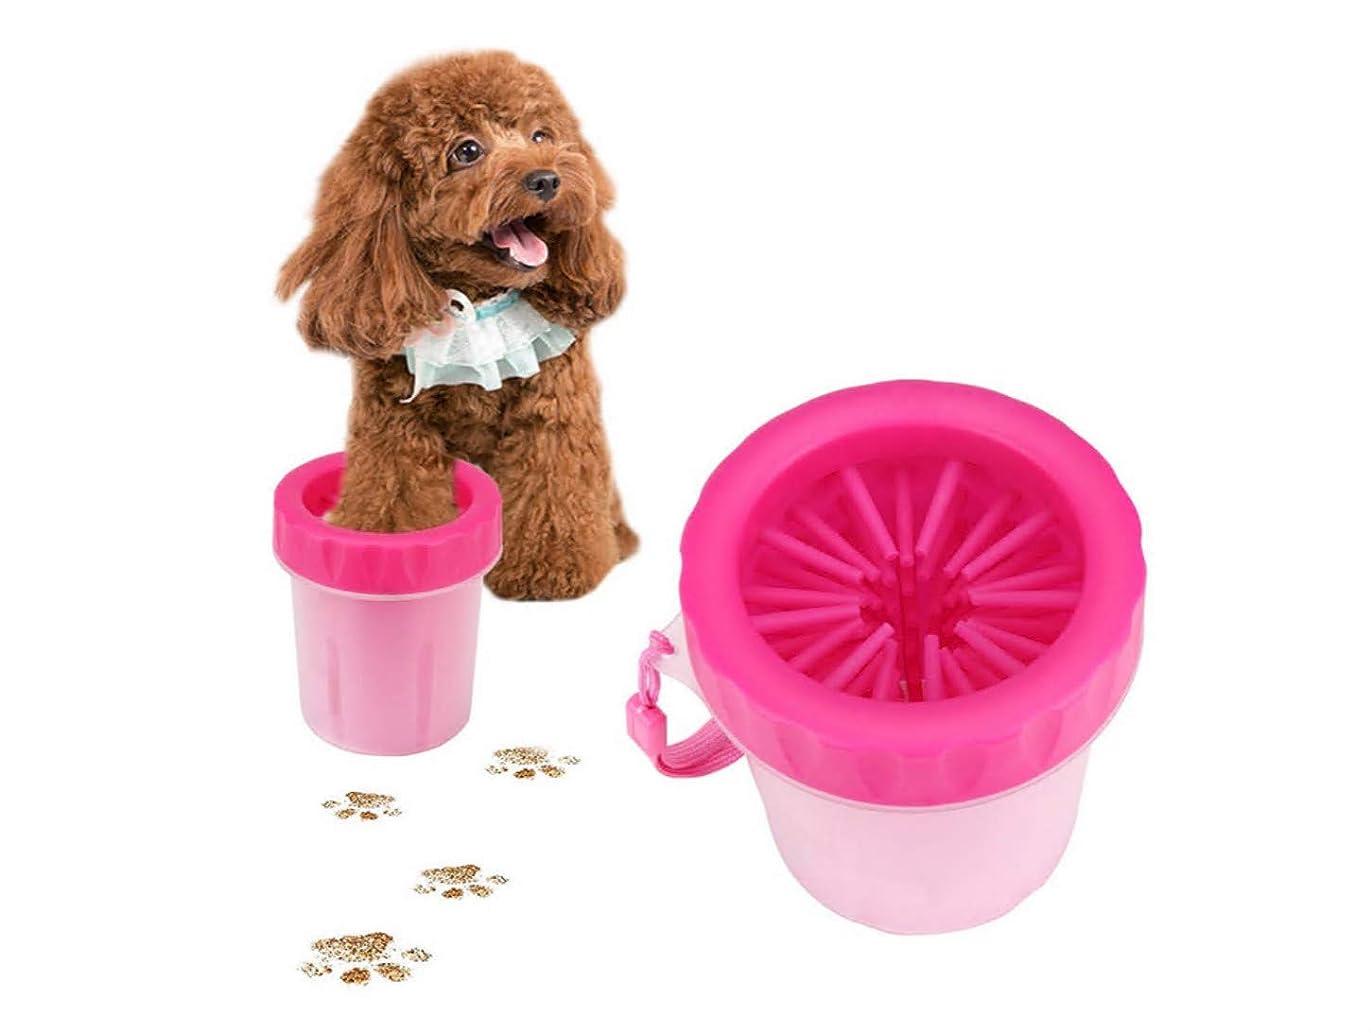 死ぬ敵対的ゴール犬足洗いブラシカップ ペット足用クリーナー 犬の爪マッサージ 小/中/大型犬/猫 シリコーン 携帯便利 柔軟 軽い 安全 清掃が易い 小さいハンドストラップ付き (ピンク)